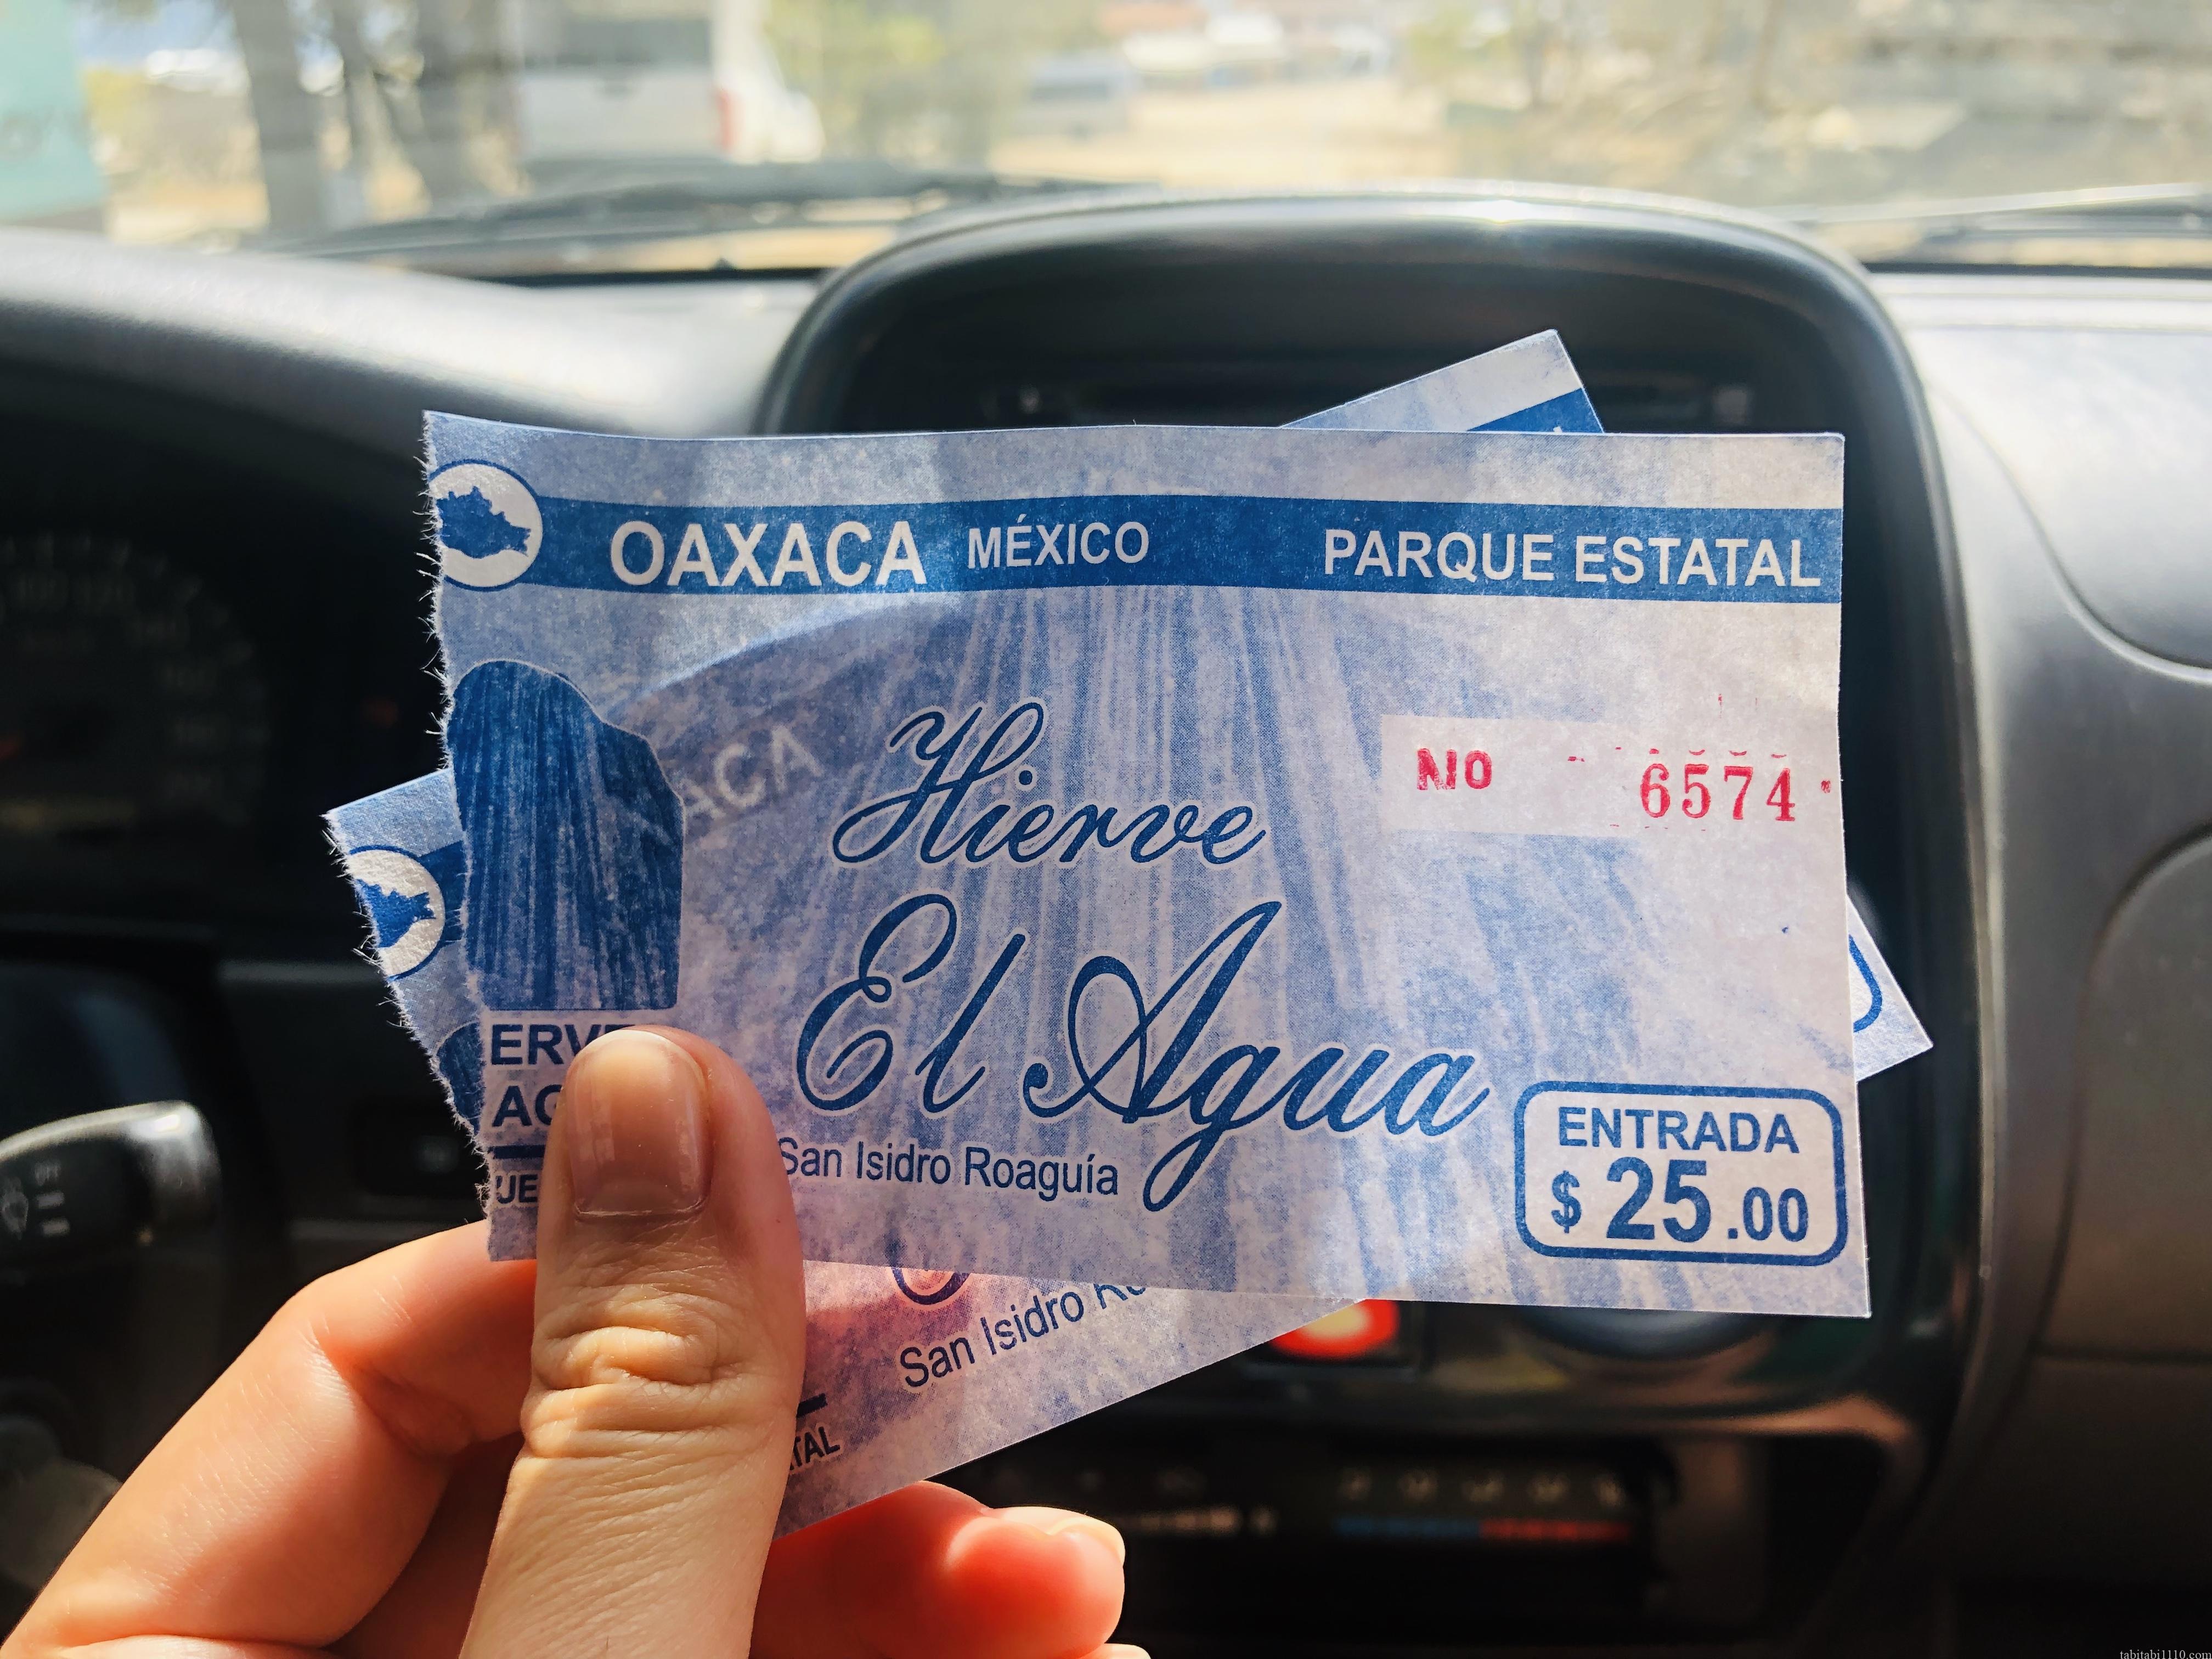 オアハカ イエルベエルアグアのチケット